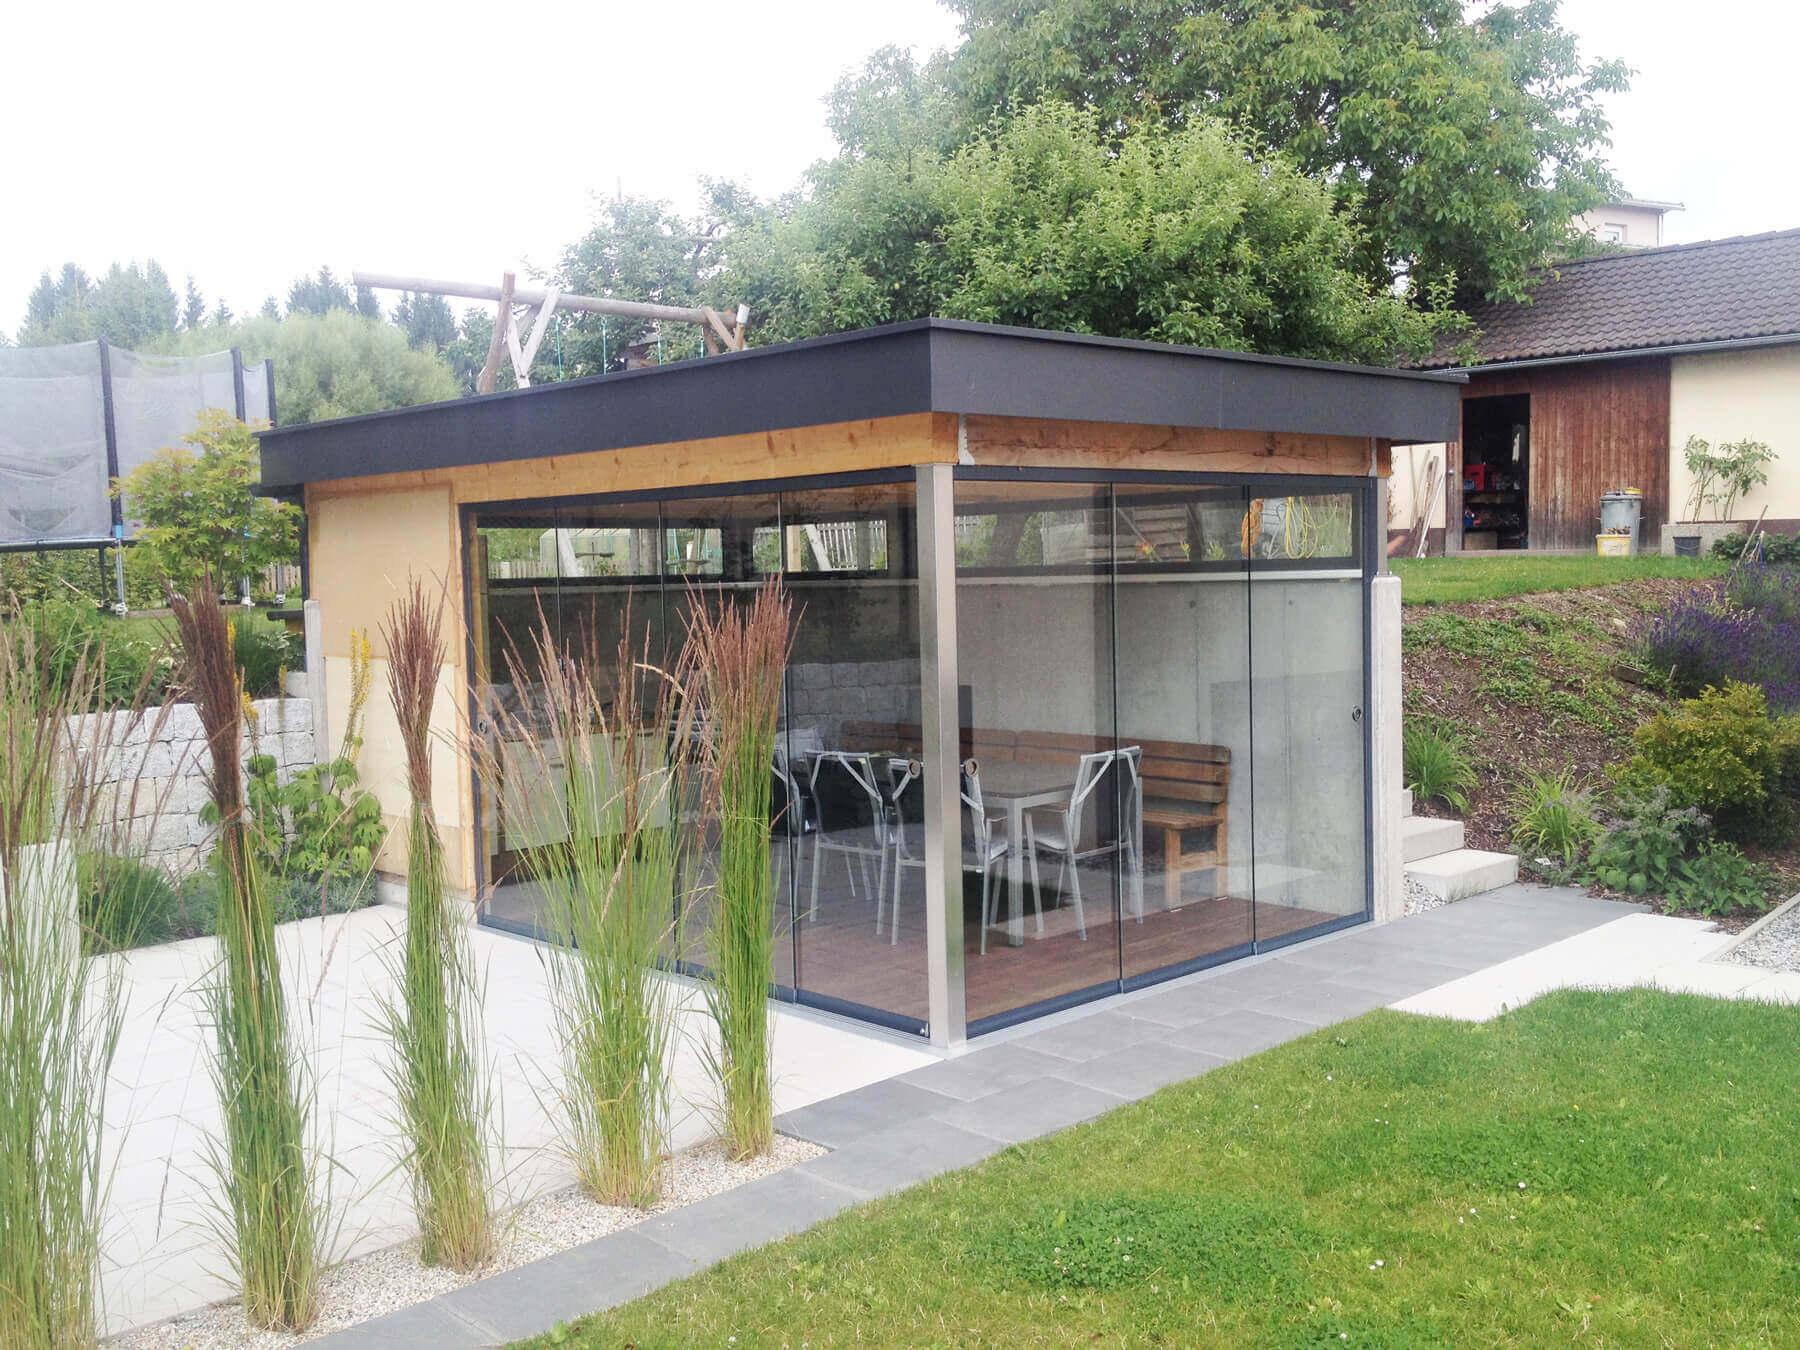 Outdoor Küche Wintergarten : Outdoor küche mit windschutz zum schieben wintergarten schmidinger